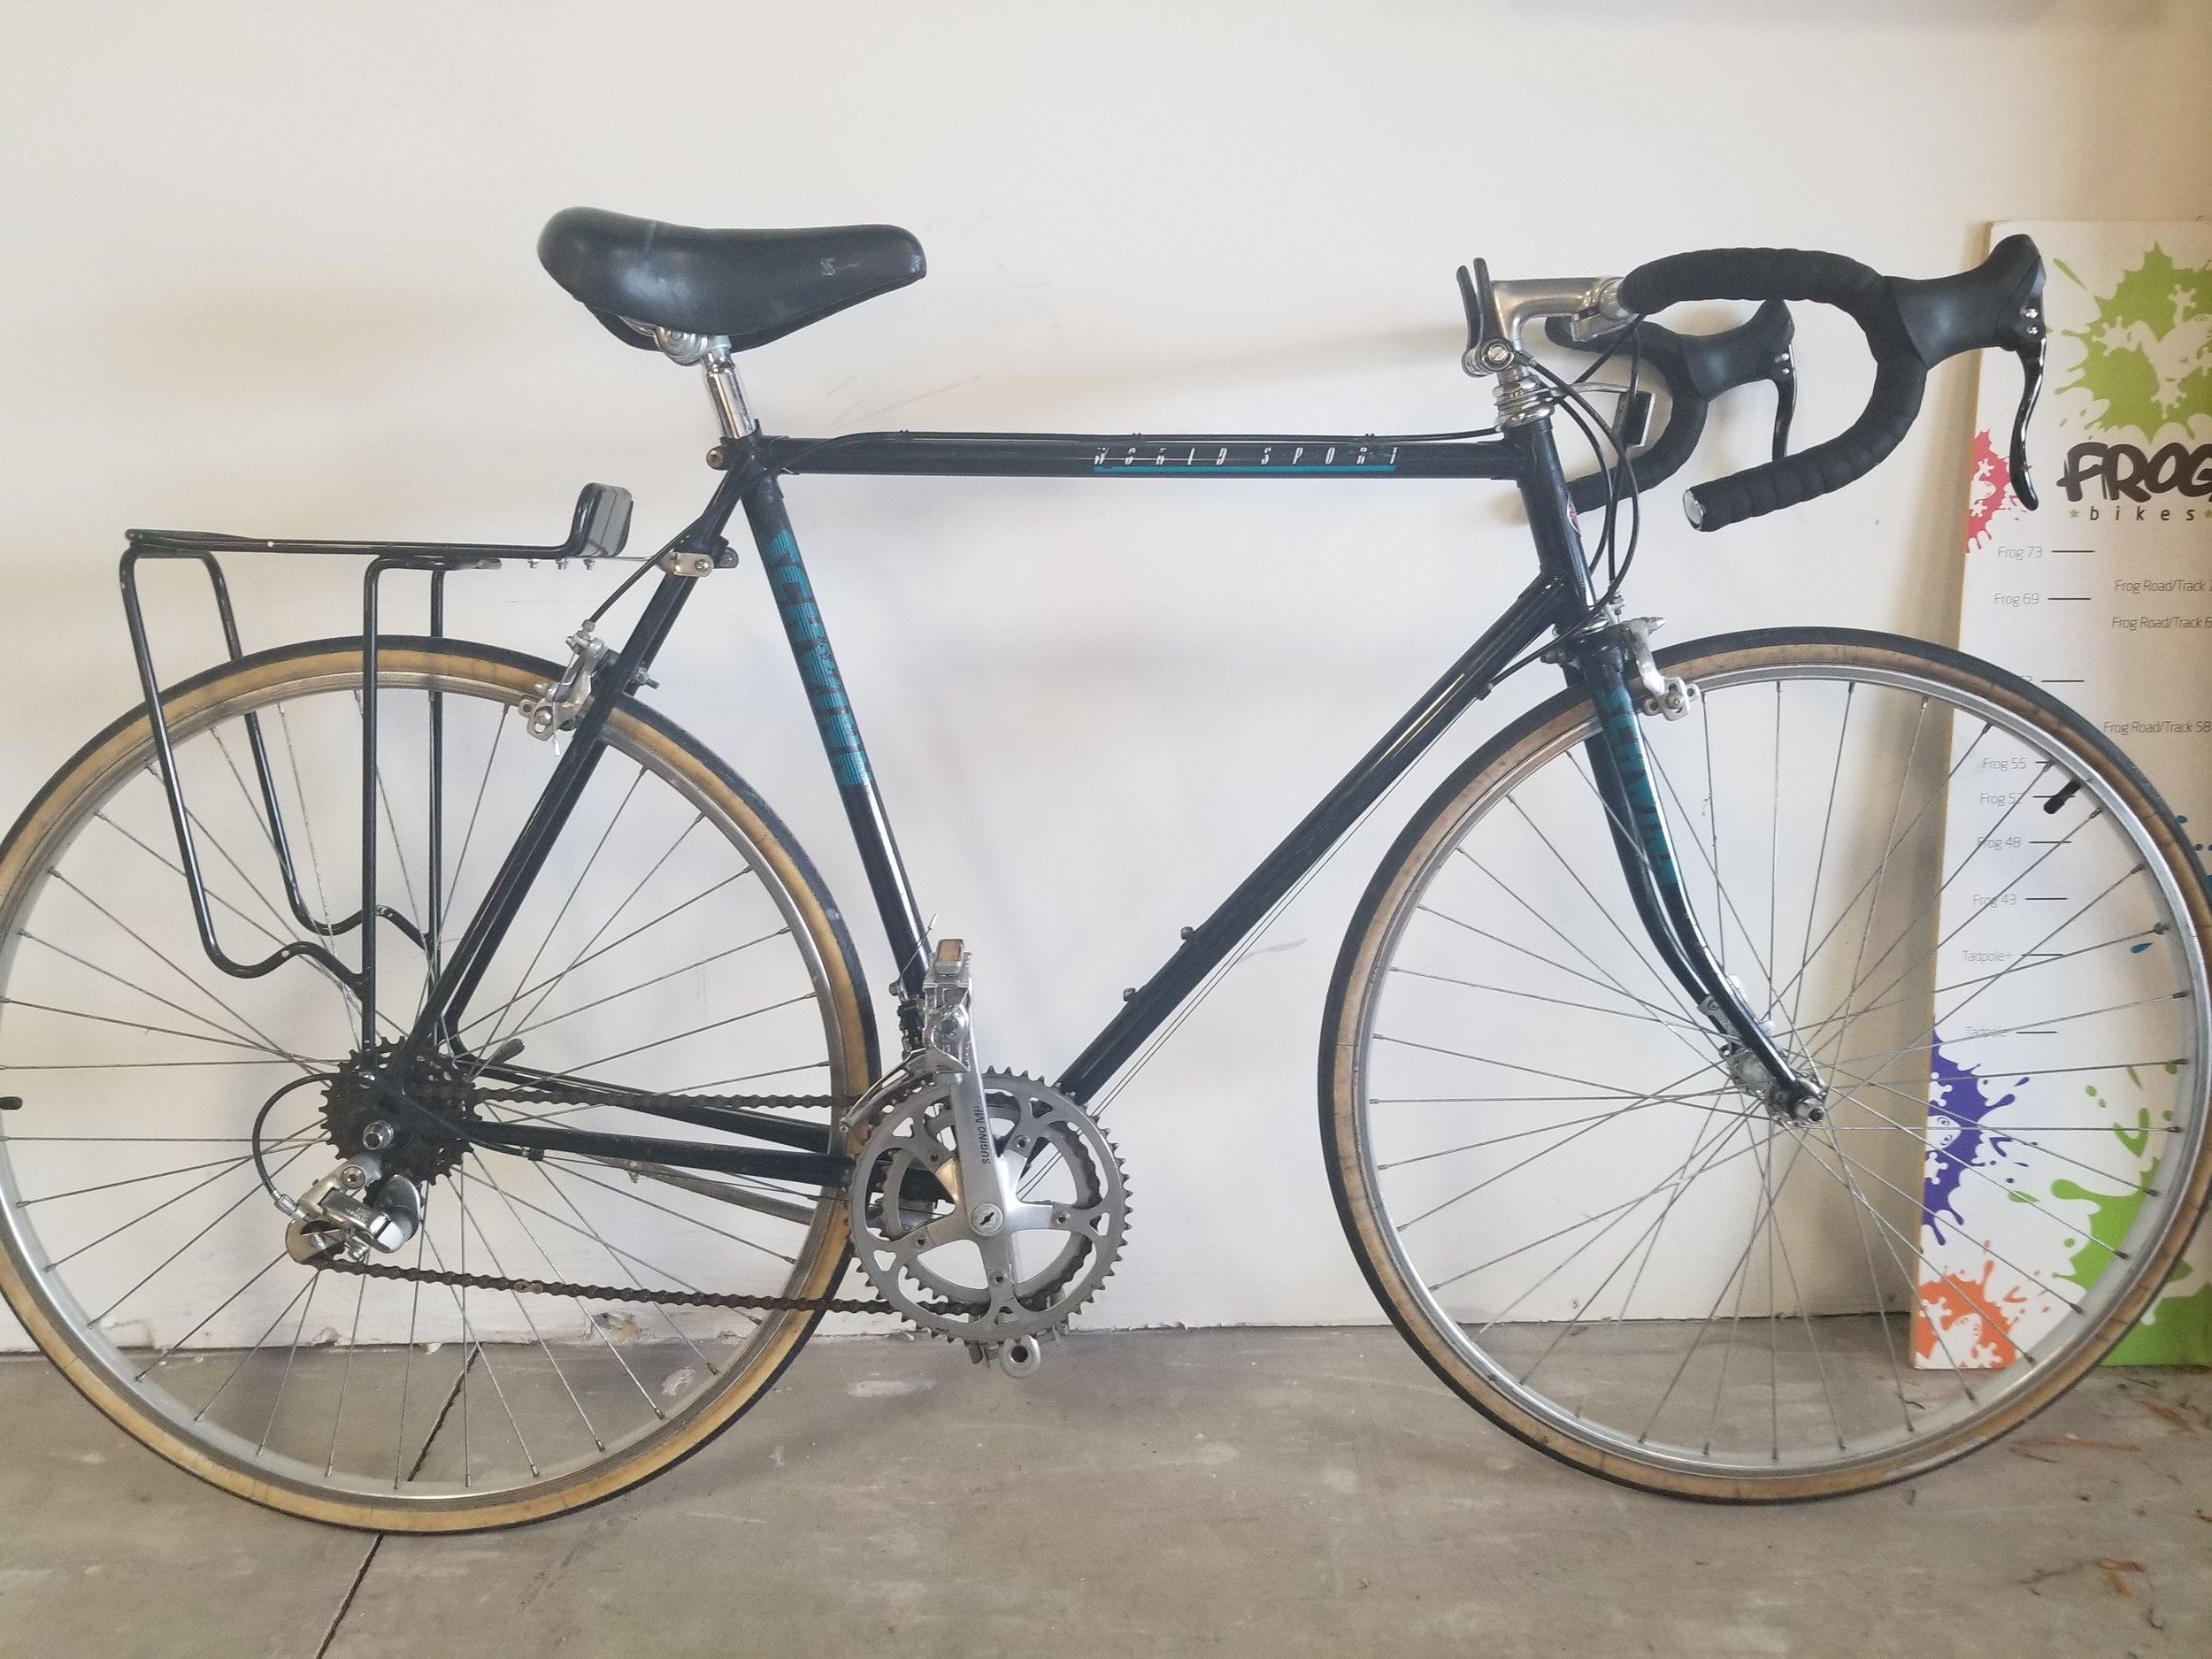 schwinn worldsport road bike 60cm - Used bike. Tune-Up. 2x6 drivetrain. Includes rear rack. 60cm.Great starter commuter bike!$150